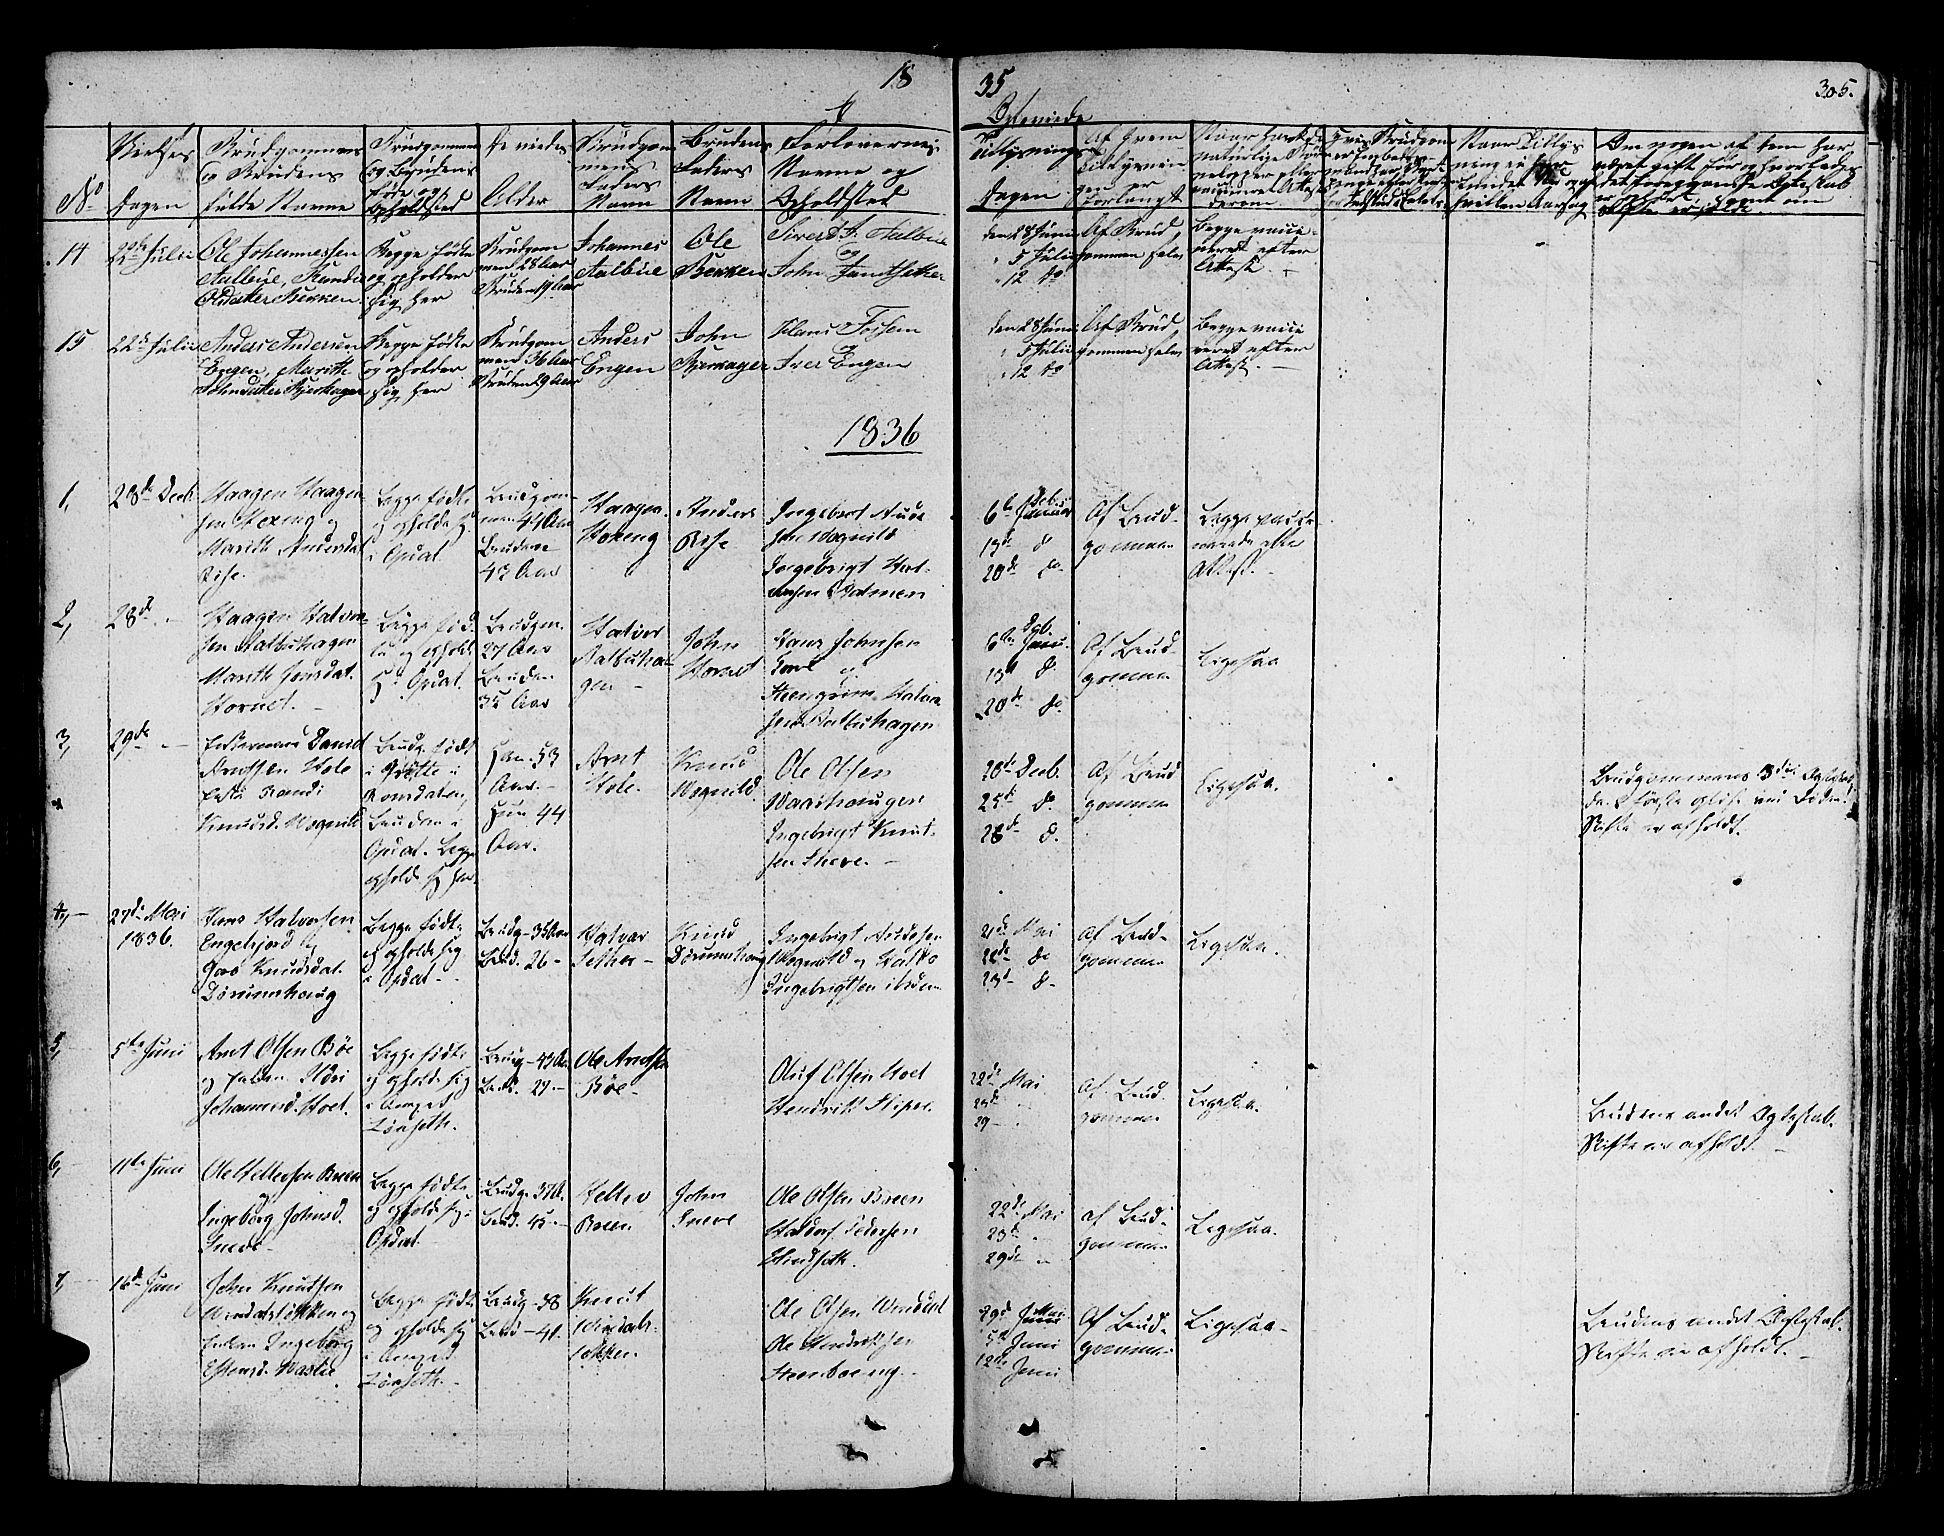 SAT, Ministerialprotokoller, klokkerbøker og fødselsregistre - Sør-Trøndelag, 678/L0897: Ministerialbok nr. 678A06-07, 1821-1847, s. 305